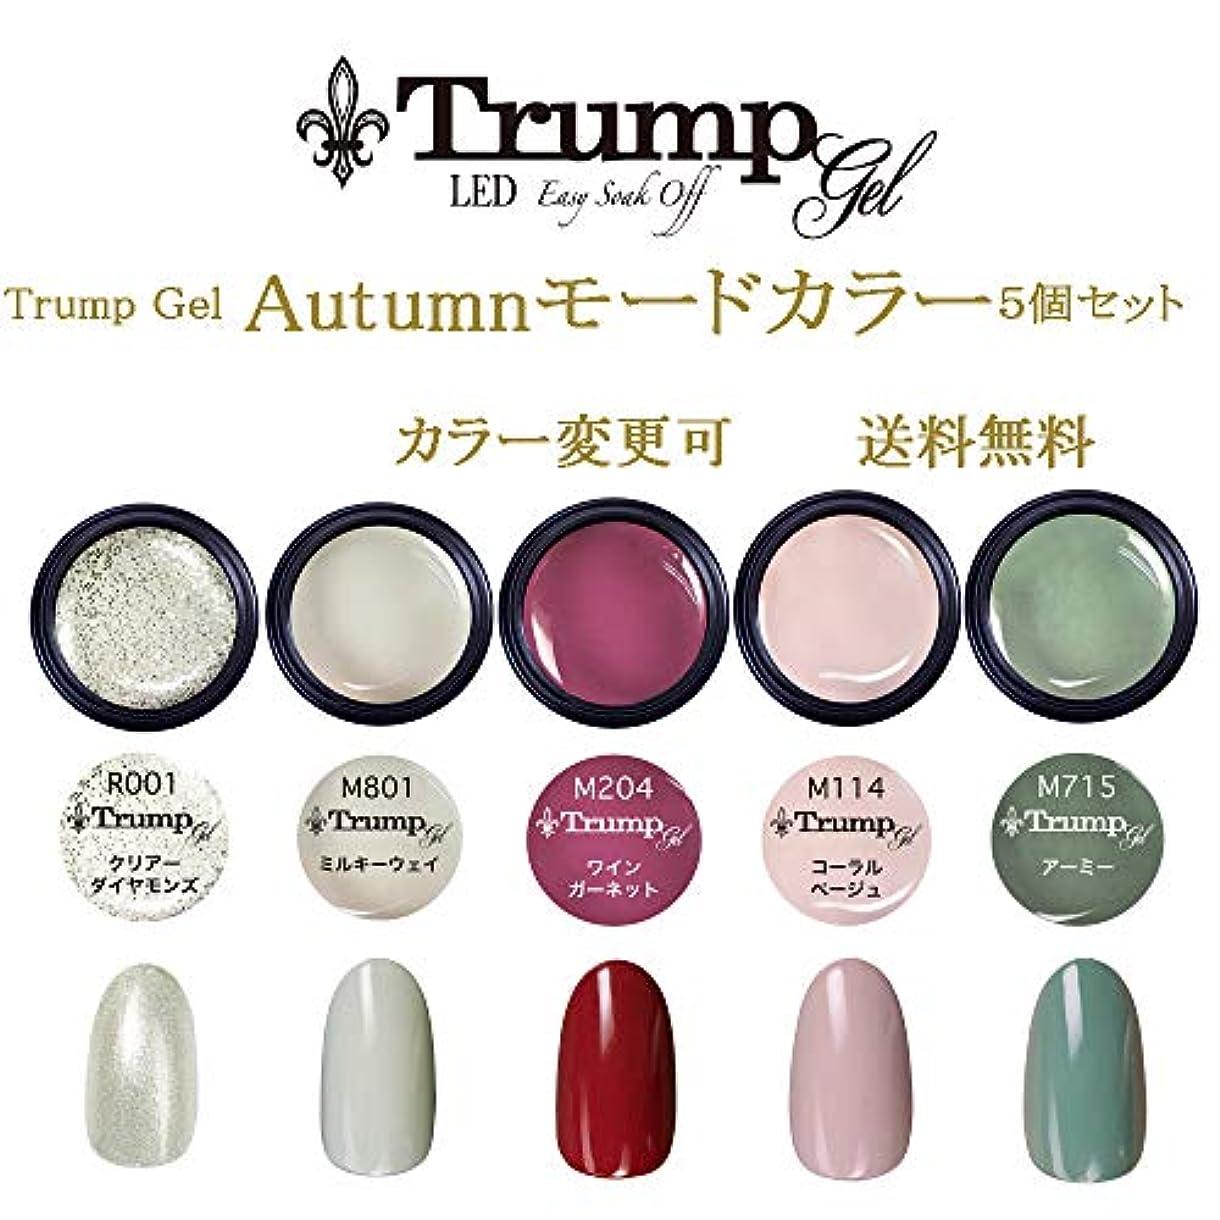 巨大な自慢エンジン【送料無料】日本製 Trump gel トランプジェル オータムモード カラー 選べる カラージェル 5個セット 秋ネイル ベージュ ボルドー カーキ ラメ カラー